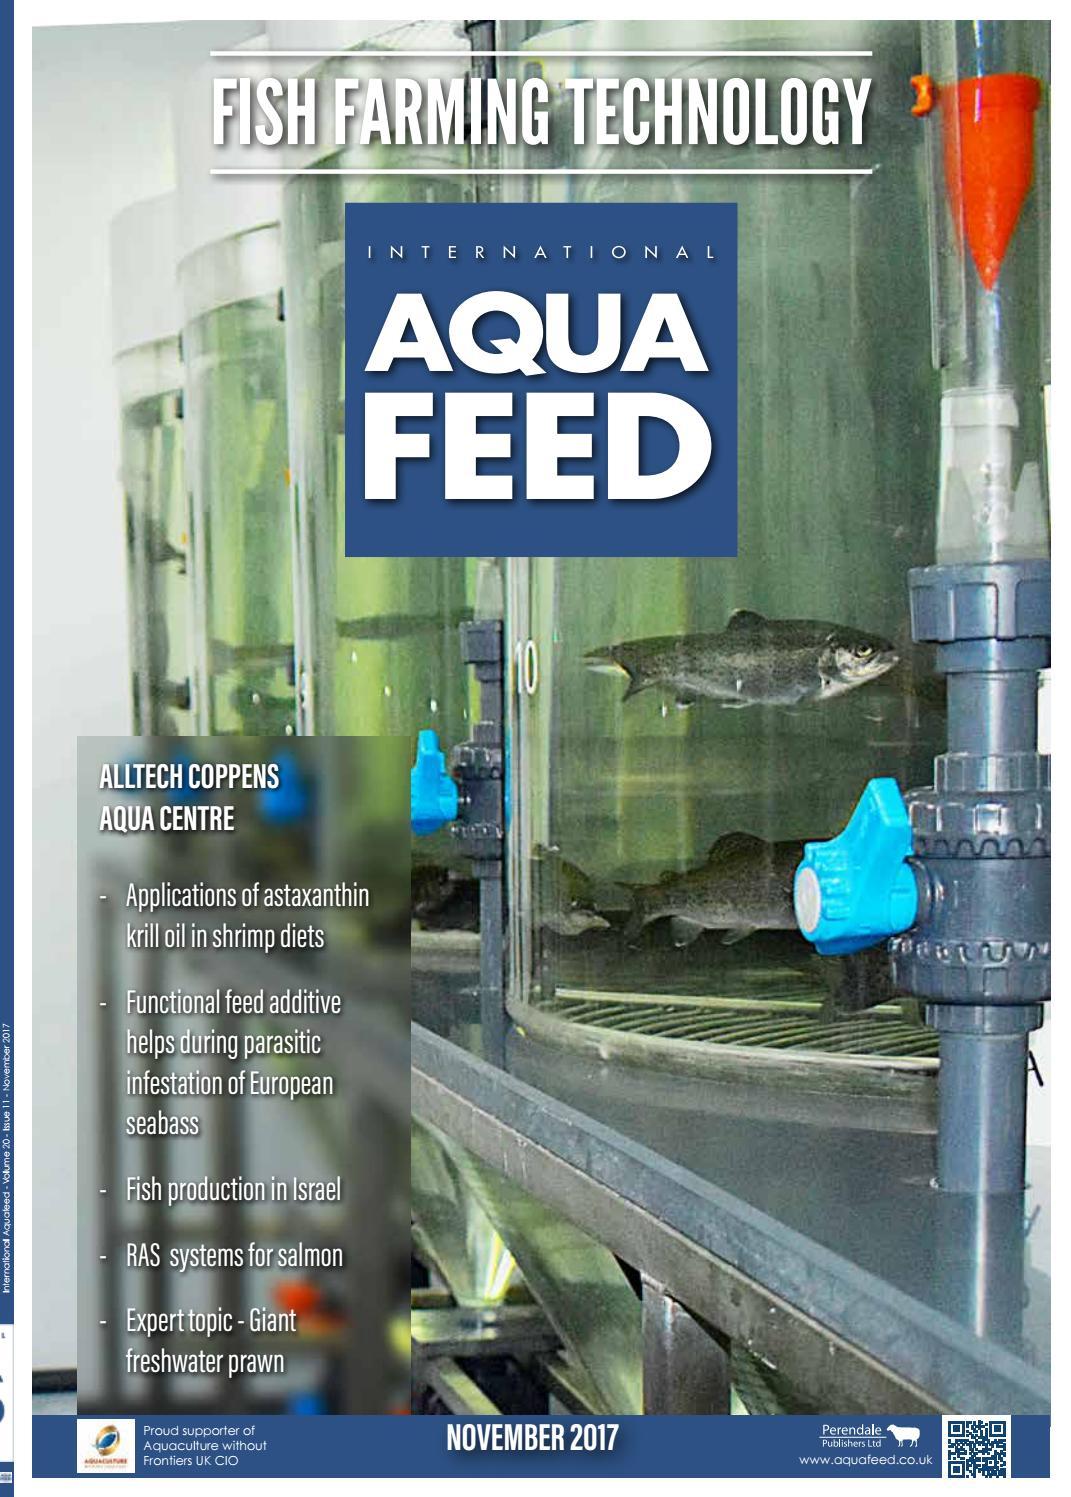 NOV 2017 - International Aquafeed magazine by Perendale Publishers